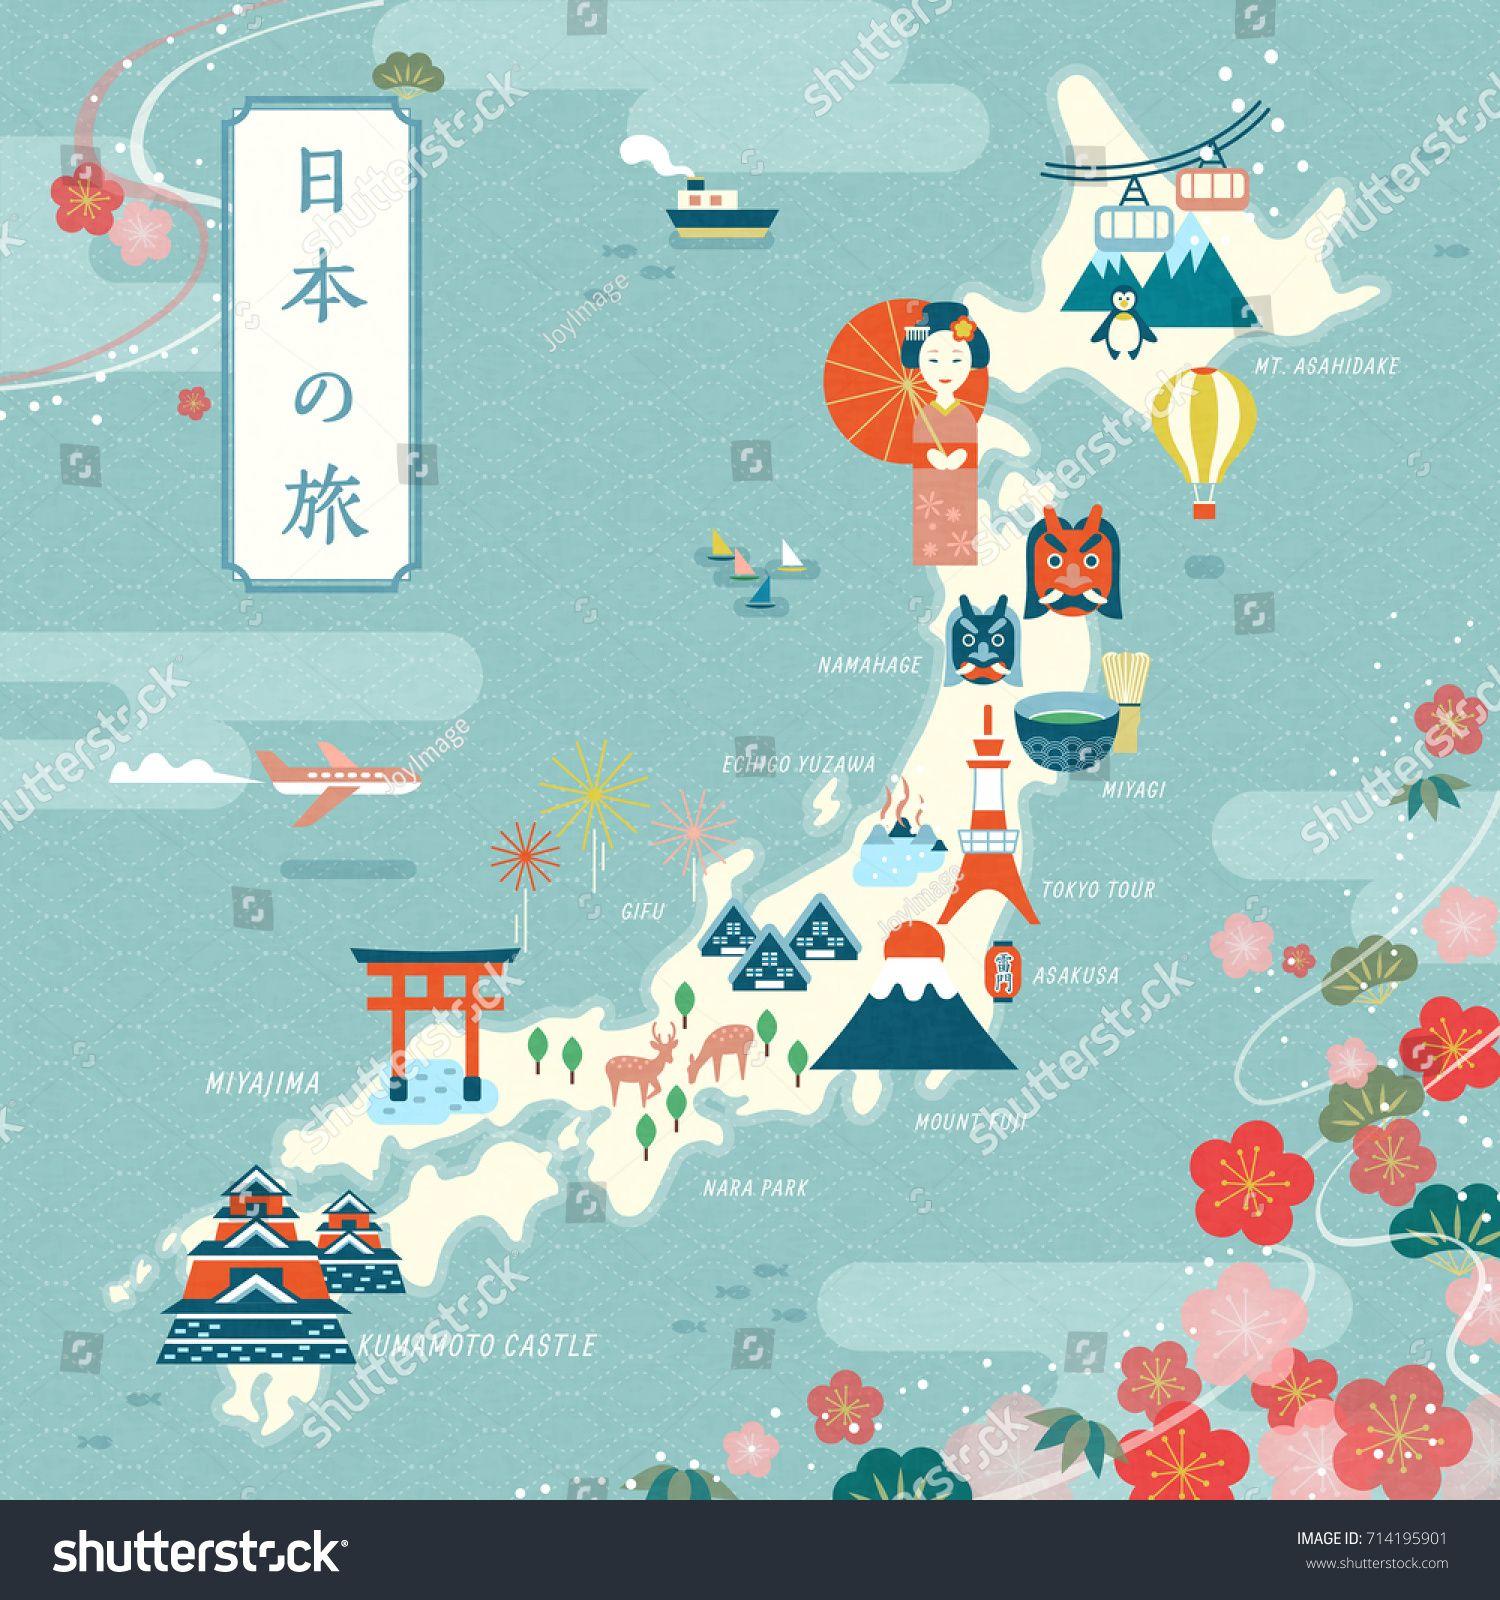 Elegant Japan Travel Map Flat Design Landmark And Traditional Symbol With Cherry Blossom Frame Japan Travel In Ja Japan Reisen Japan Illustration Reisekarten